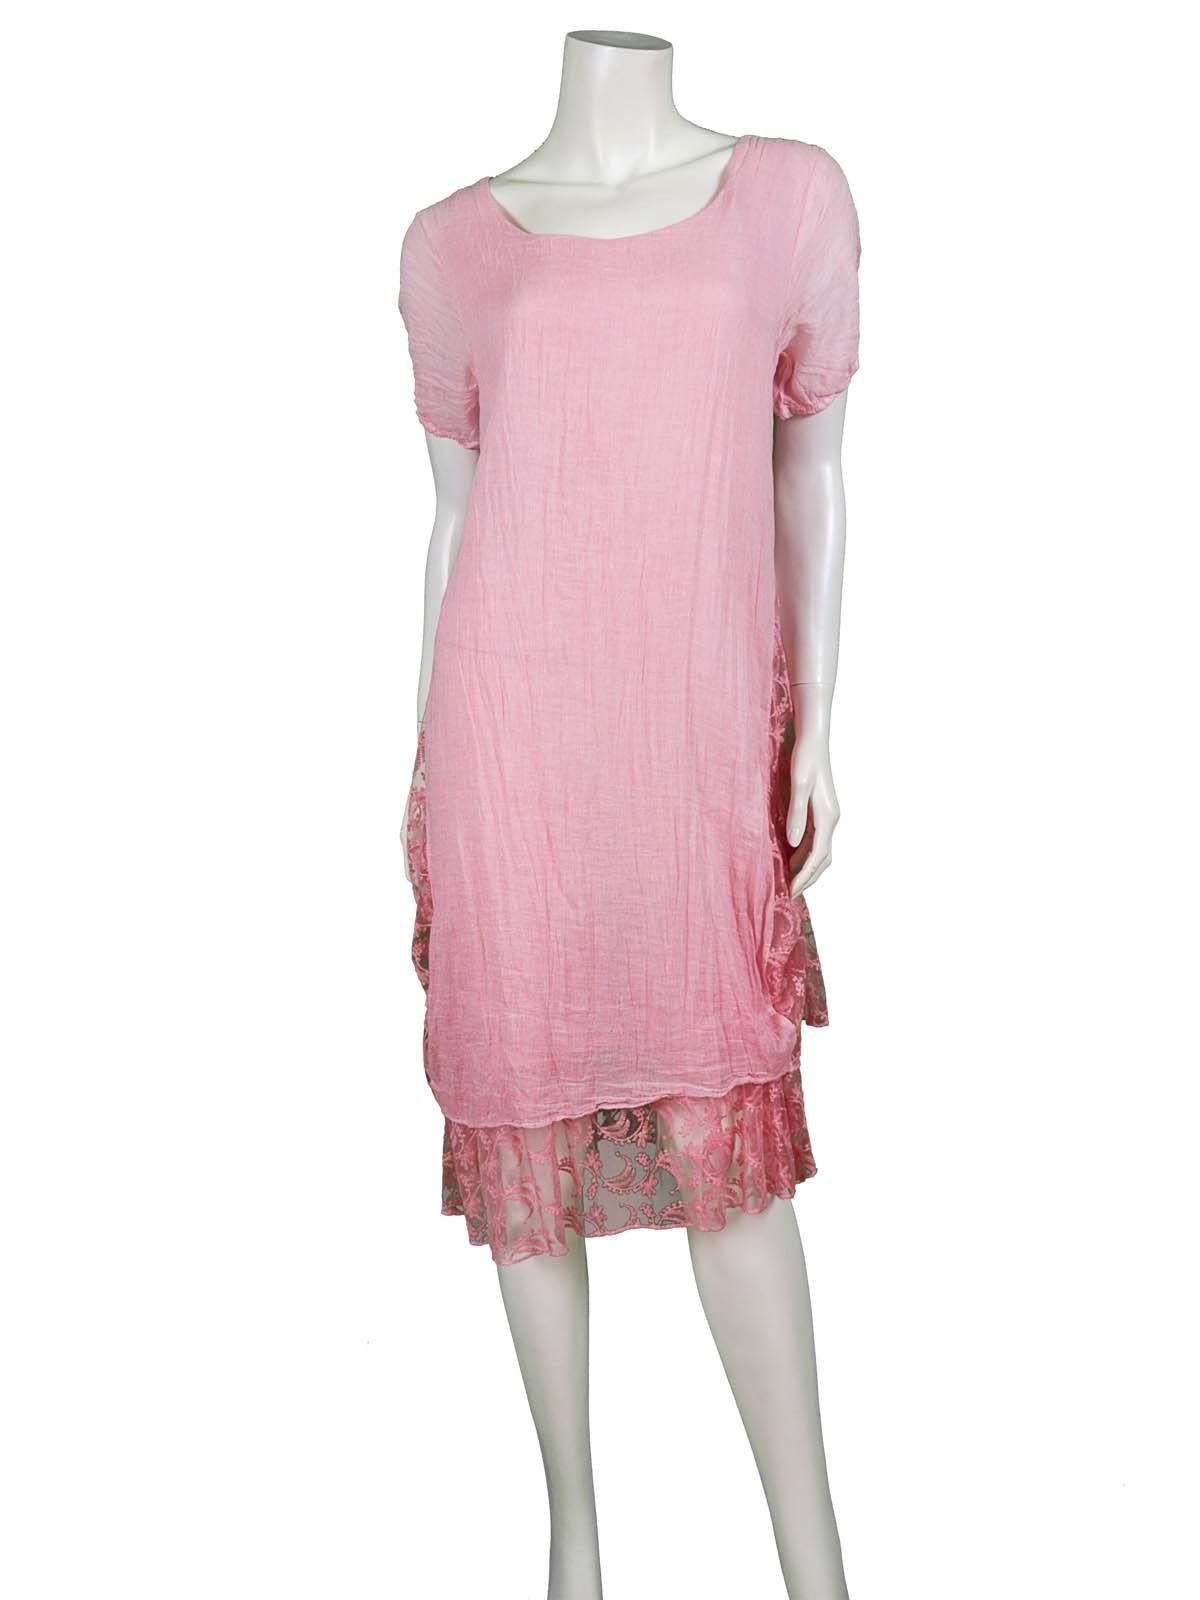 13 Elegant Kleid Spitze Rosa Boutique17 Luxurius Kleid Spitze Rosa Ärmel